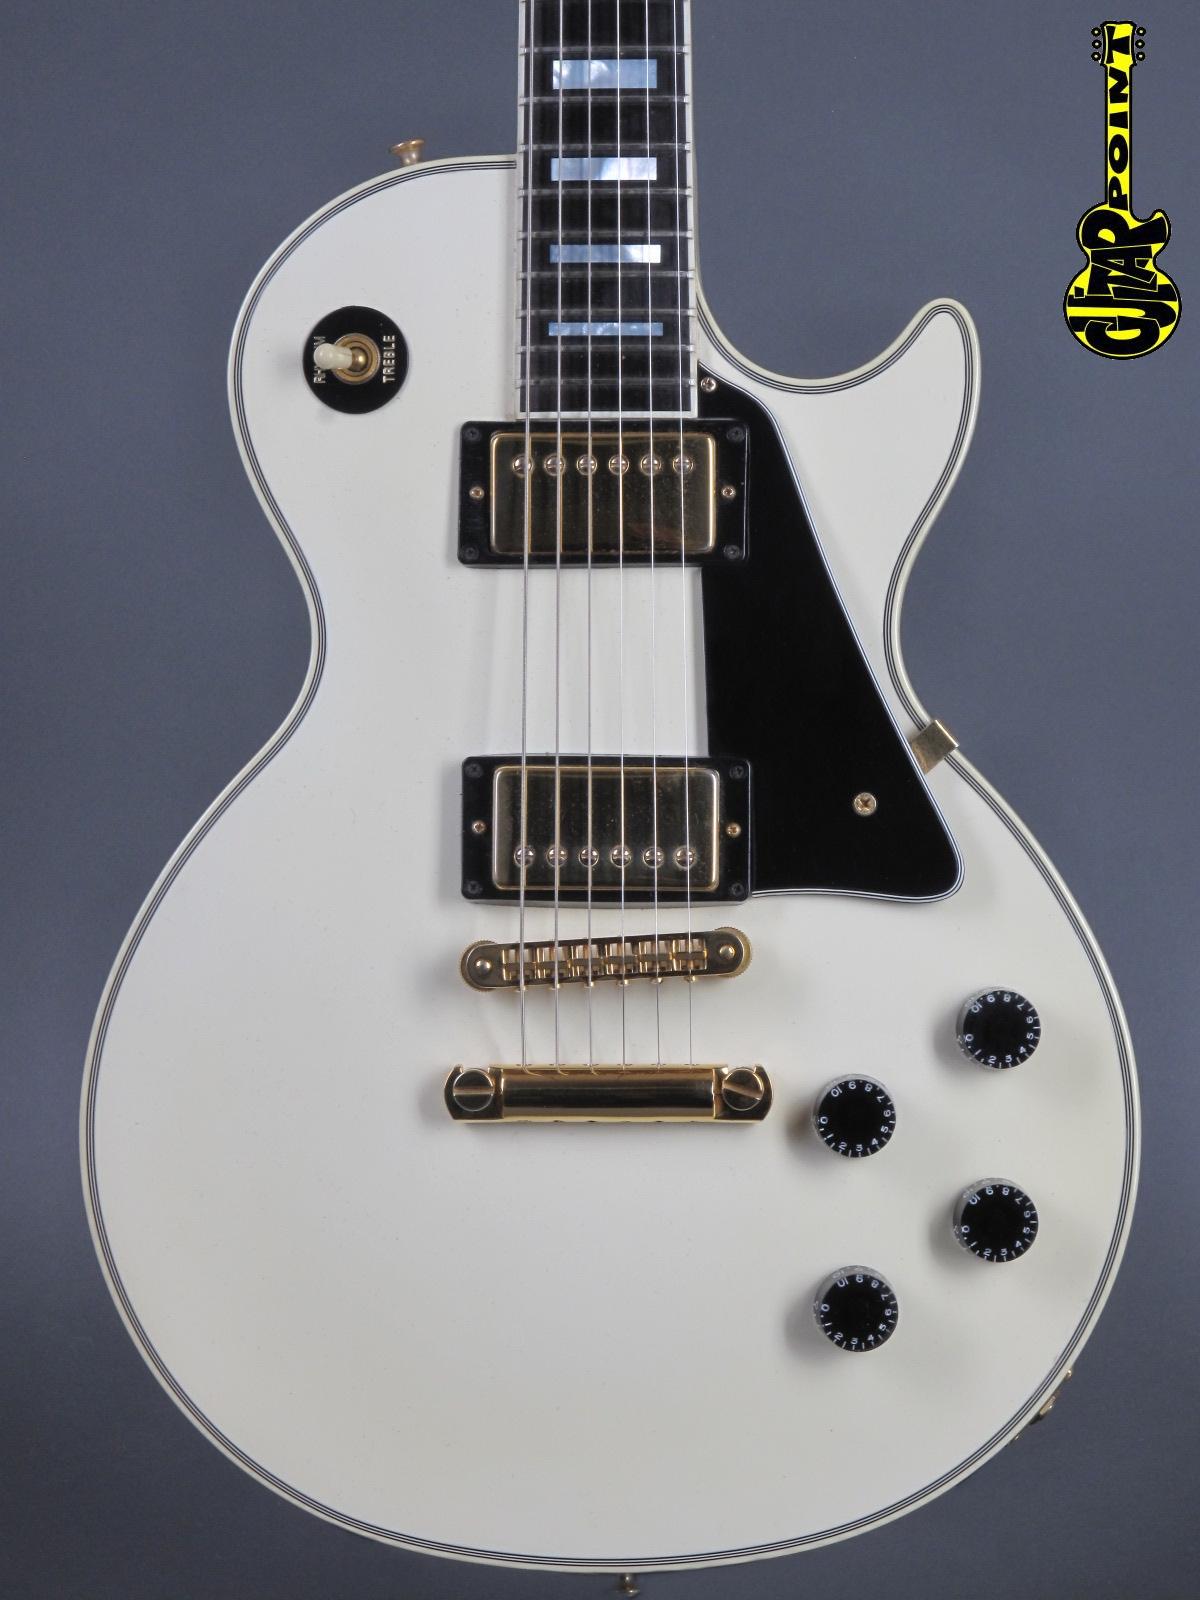 1987 Gibson Les Paul Custom - White   ...mint !